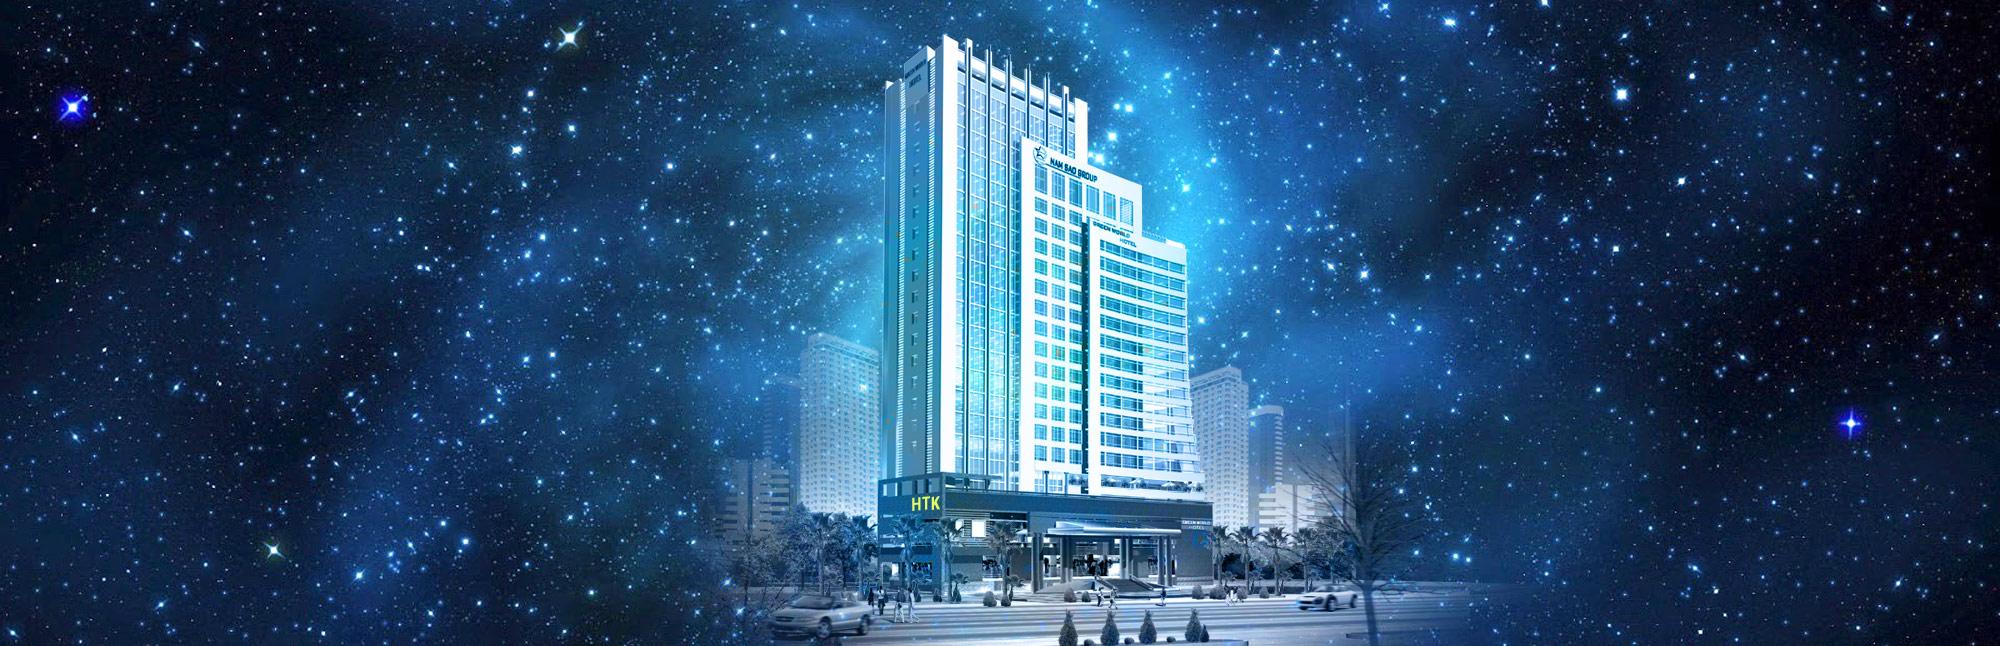 Thiết kế khách sạn HTK đẹp